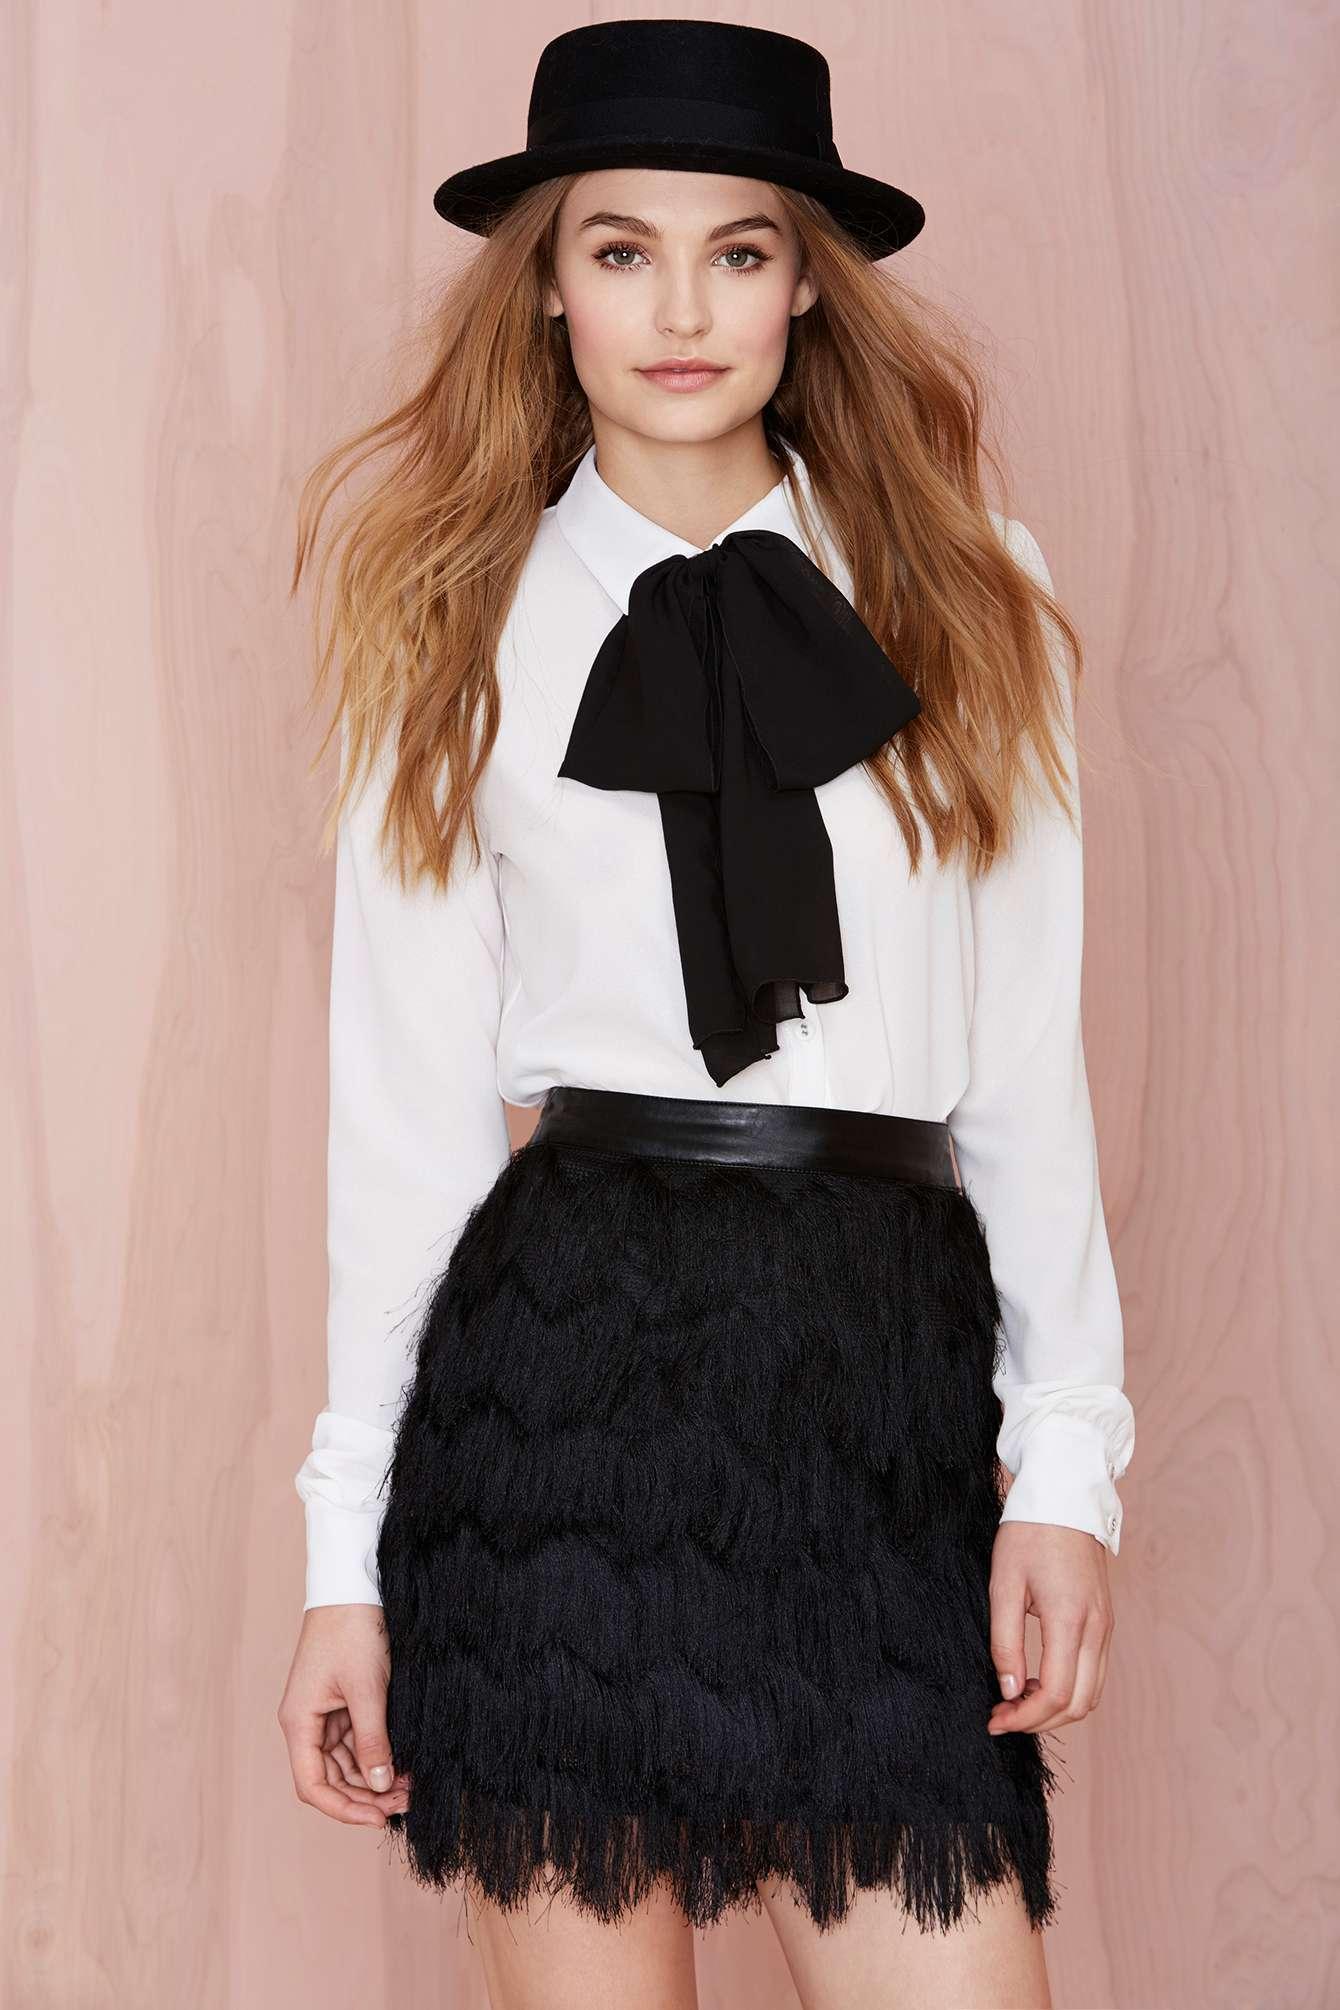 Joa Let's Hang Fringe Skirt from Nasty Gal